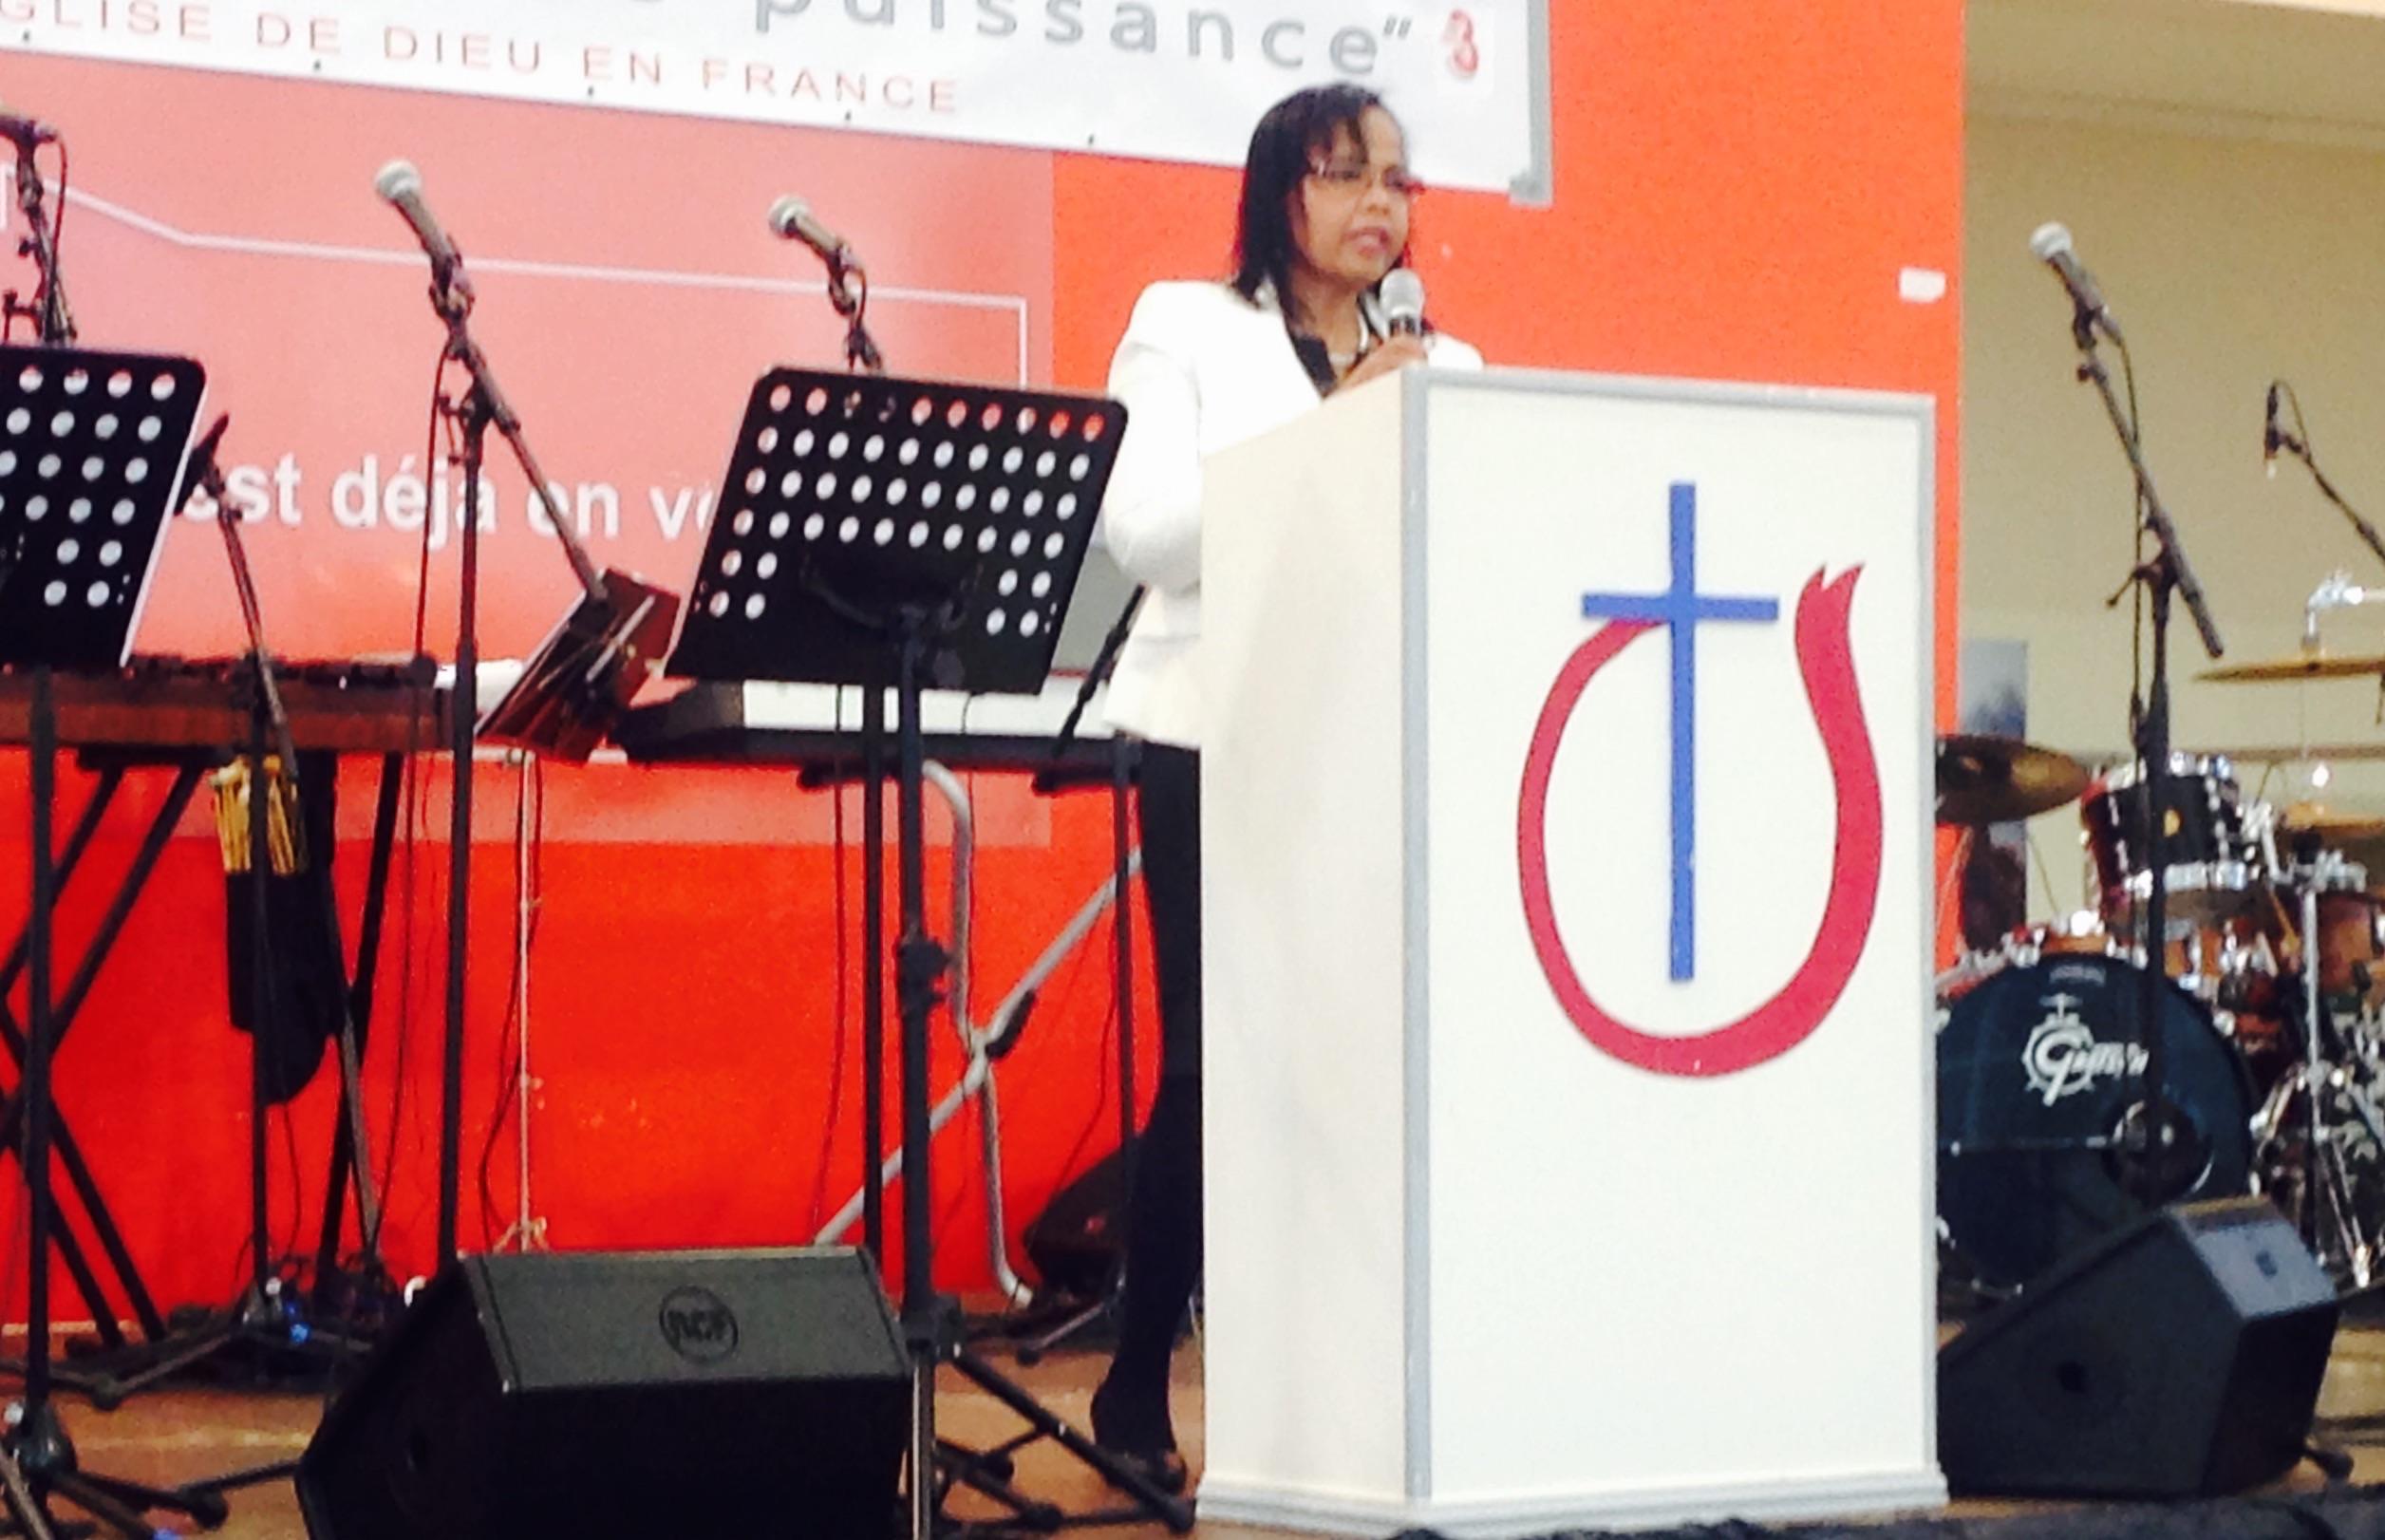 Jacqueline Merlo © Pasteur Aloys Evina Eglise de Dieu en France